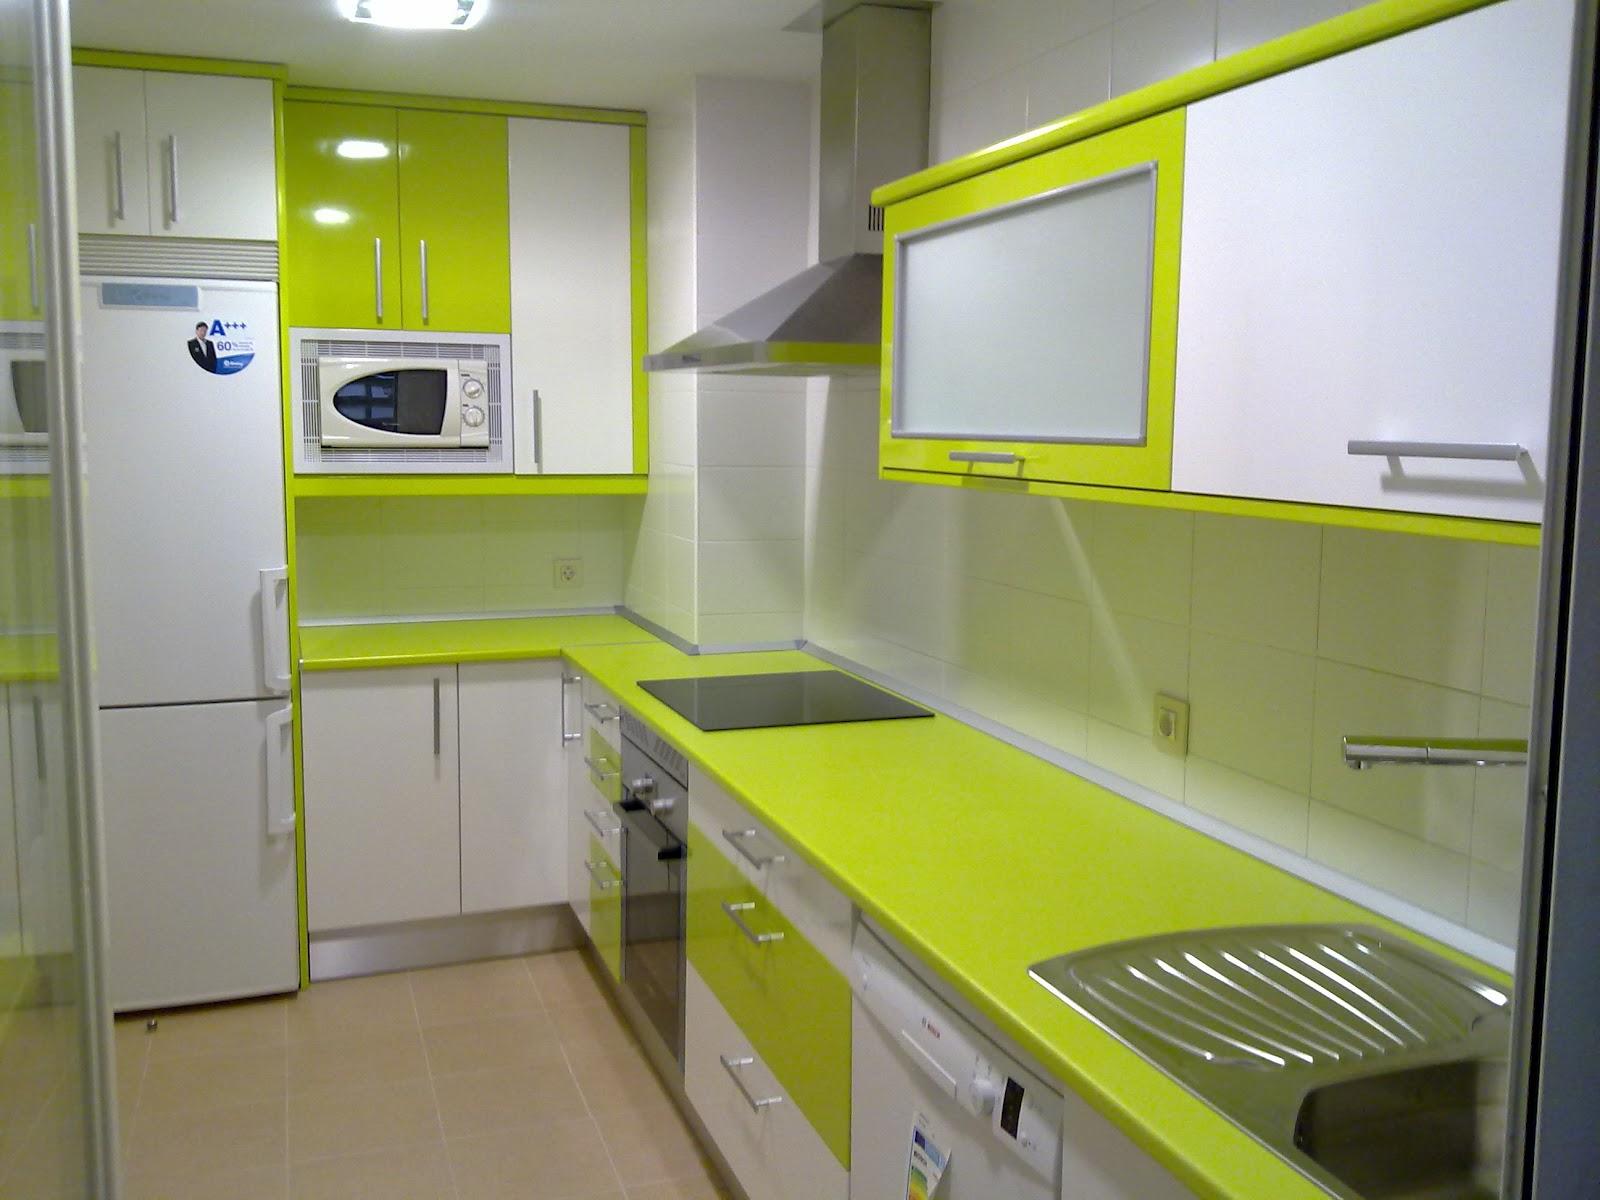 Laminado alto brillo blanco remates y encimera pistacho for Remates de muebles de cocina